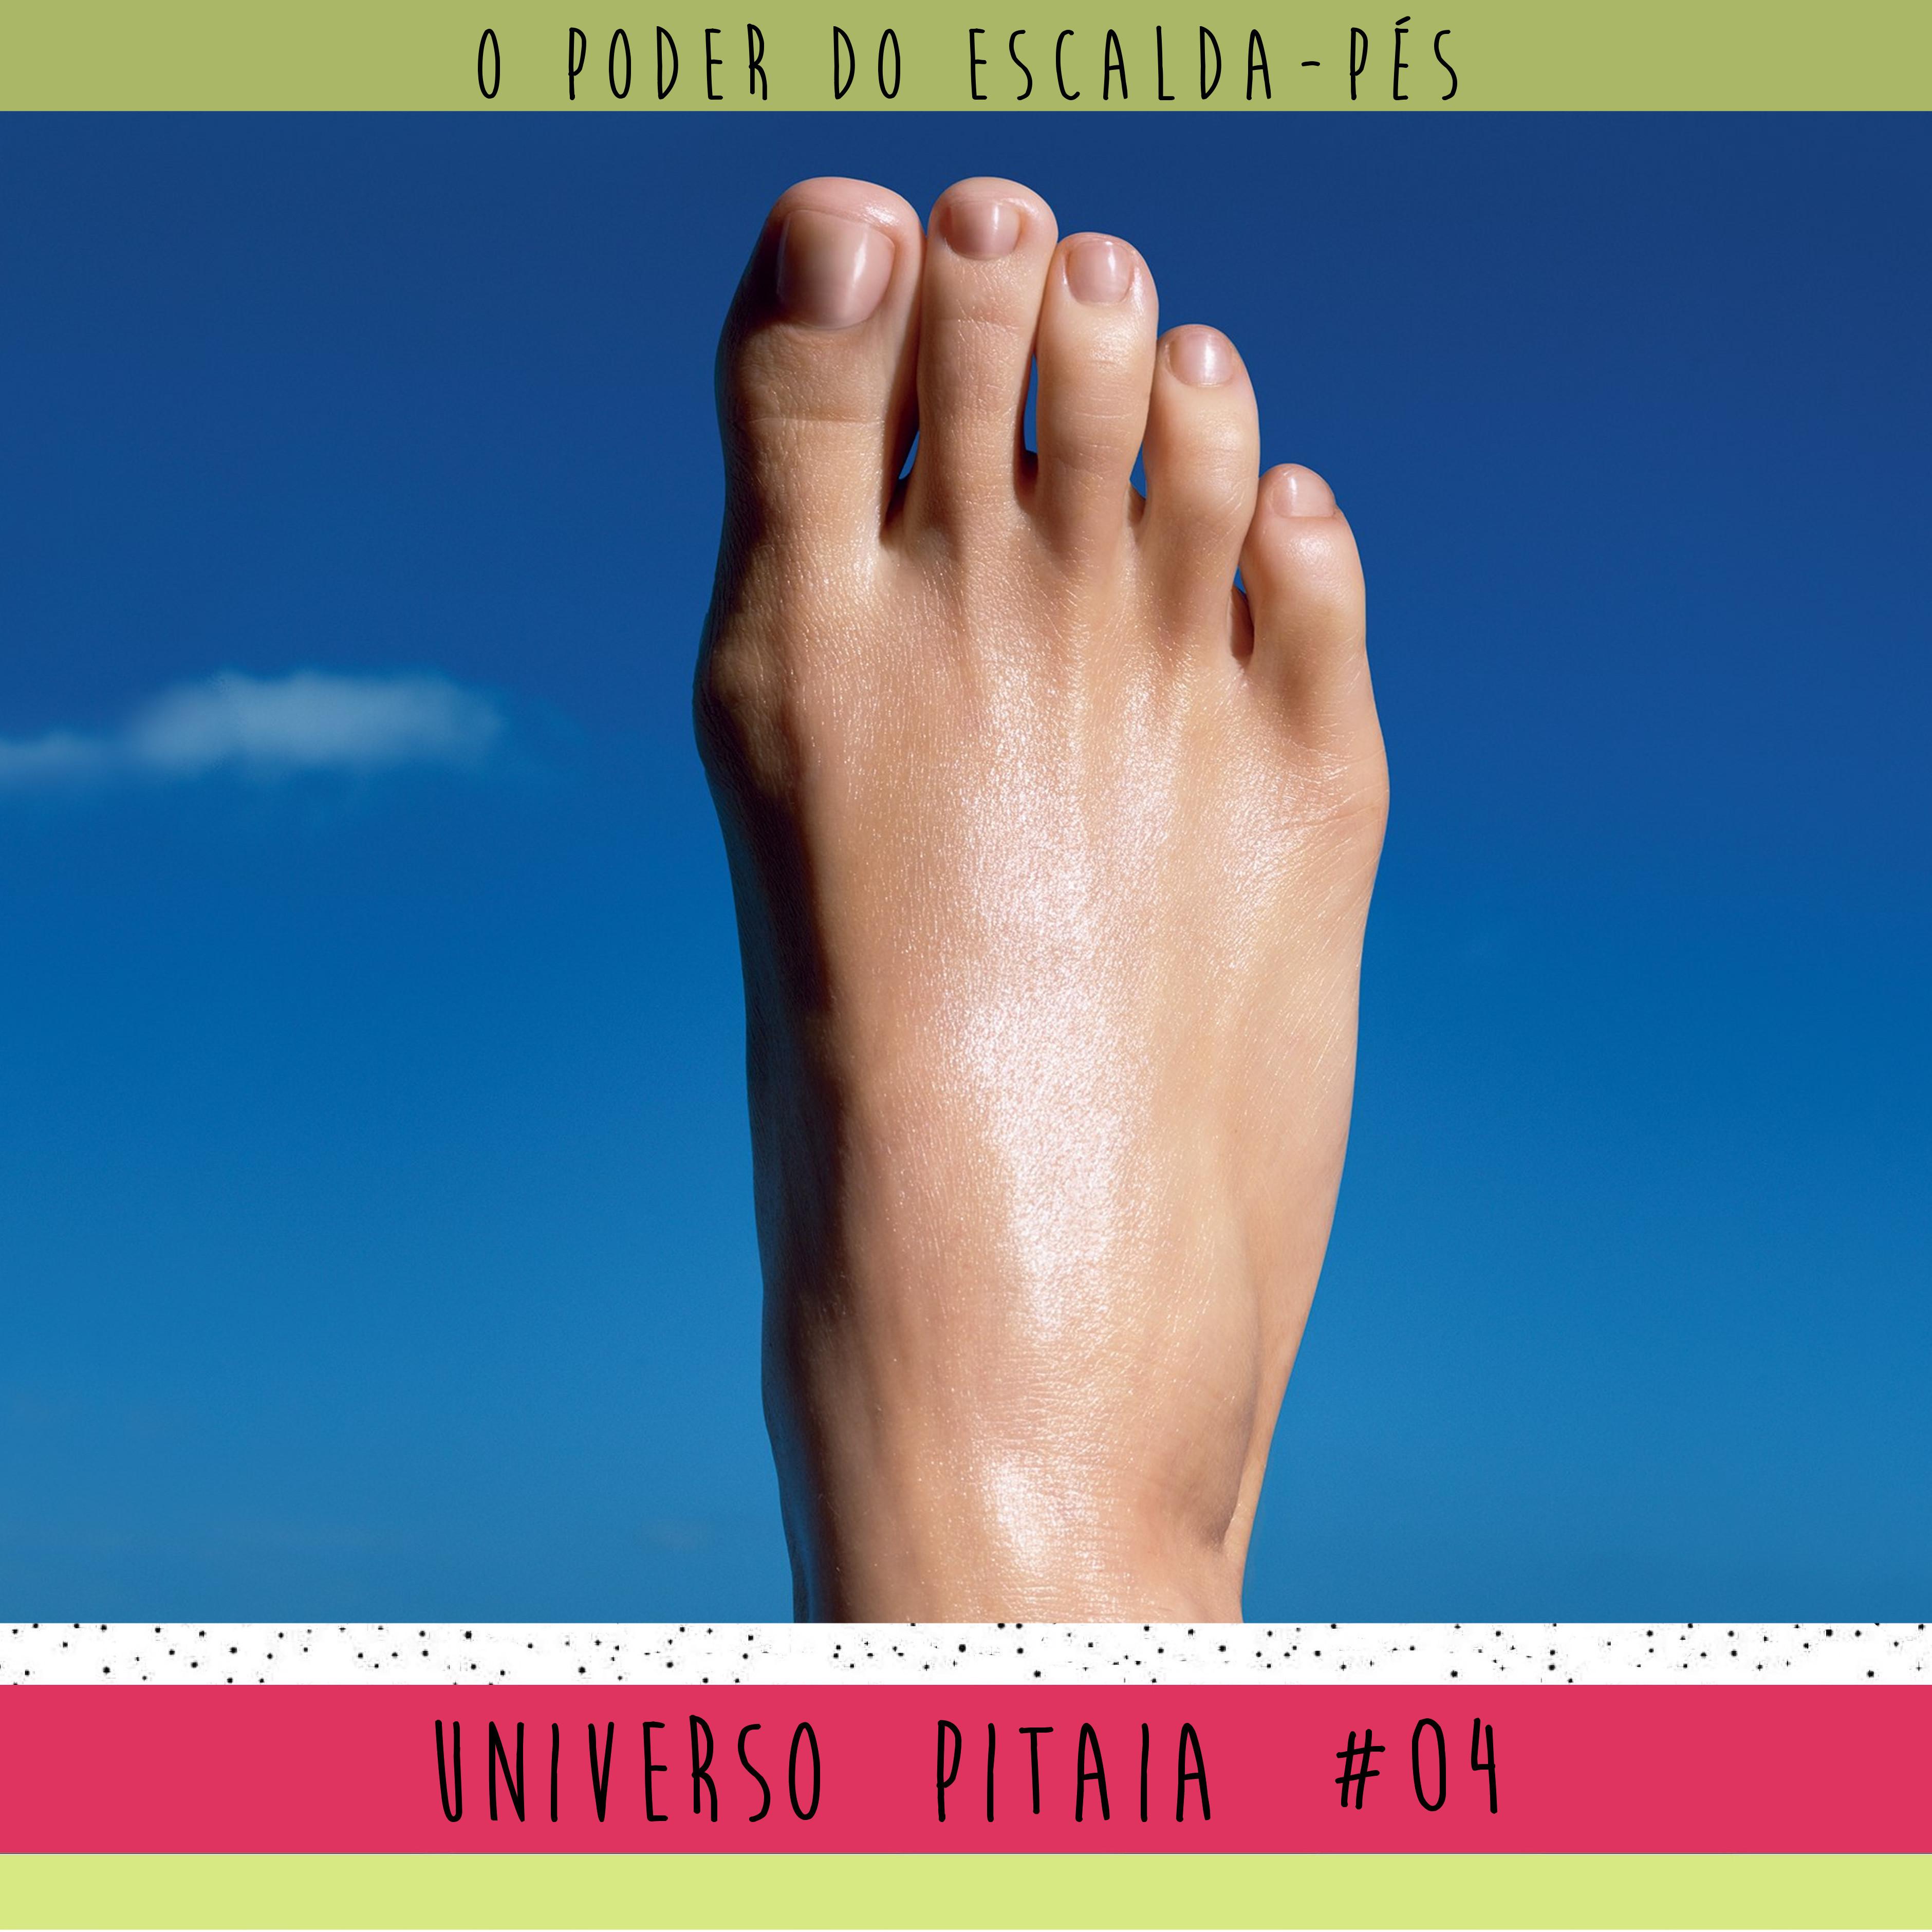 pitaia004a